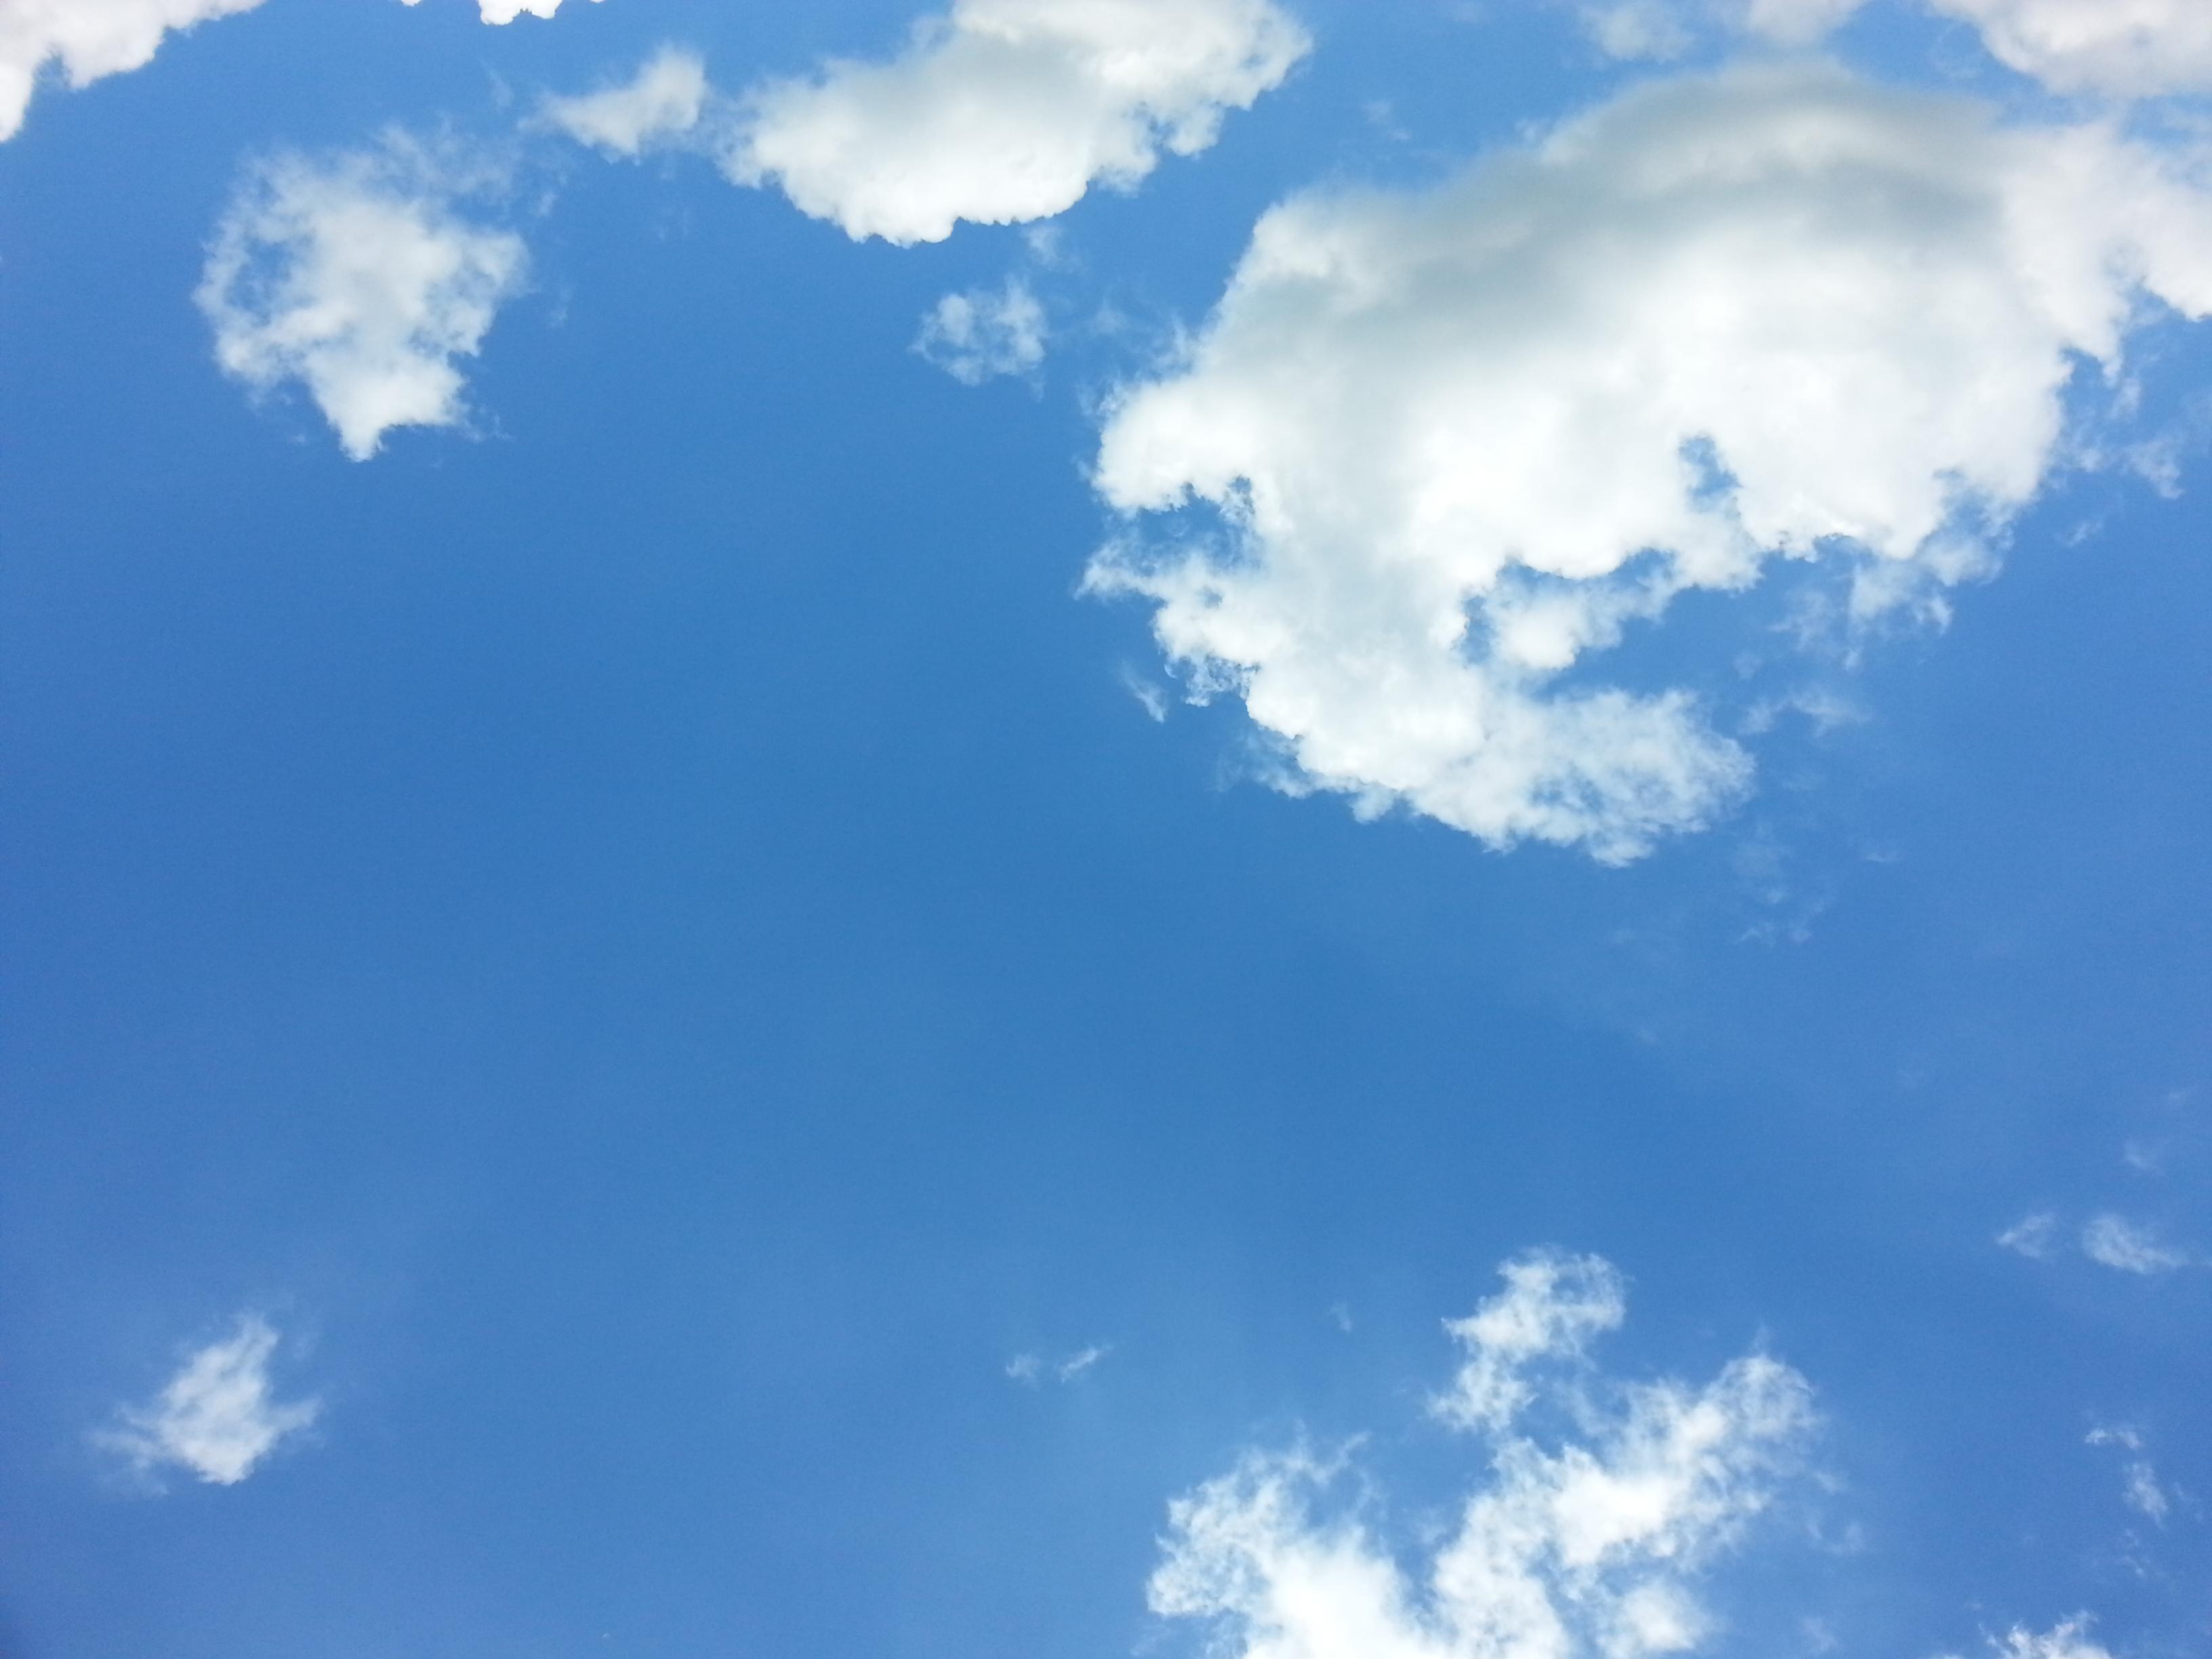 구름.jpg